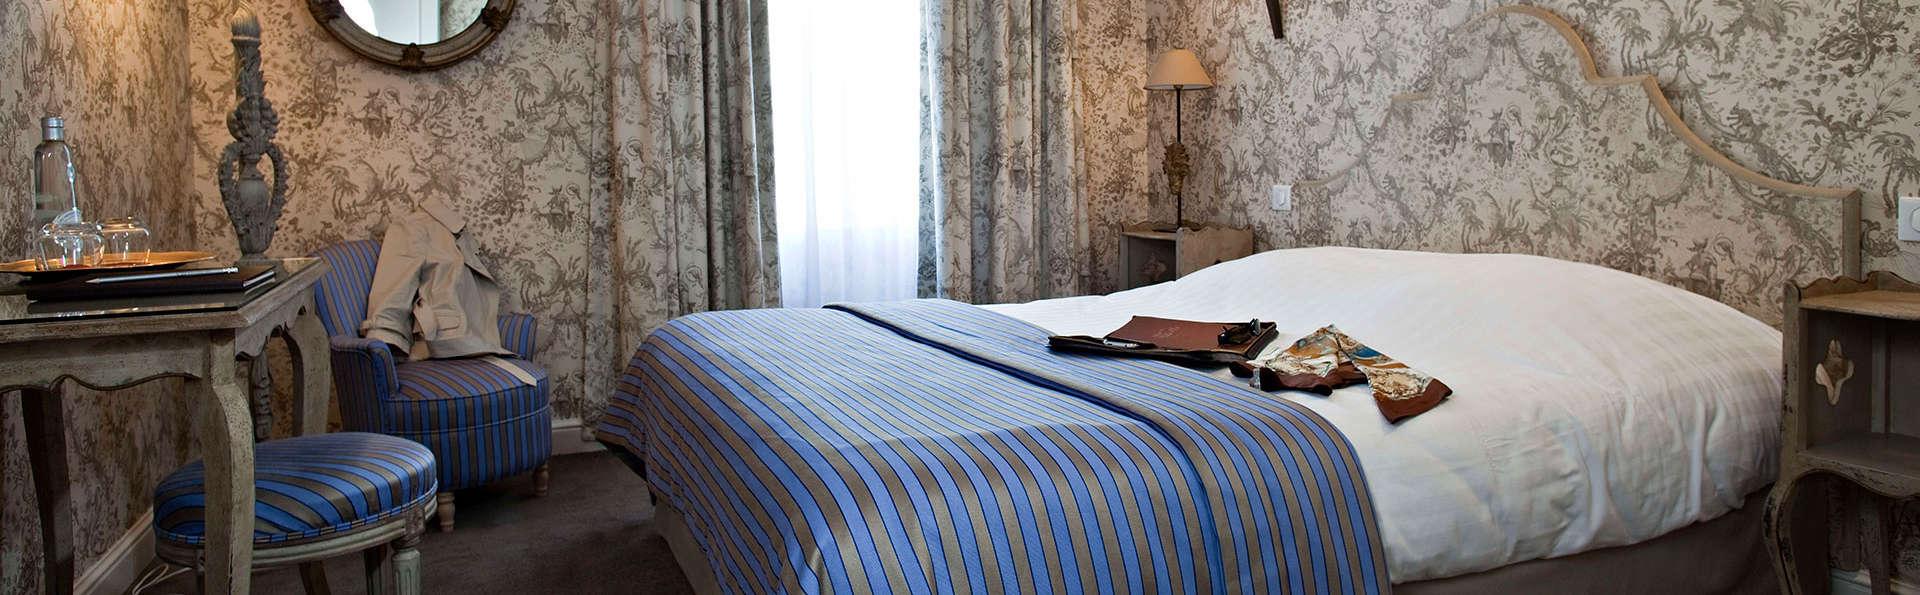 Hôtel Villa d'Est - EDIT_superior.jpg